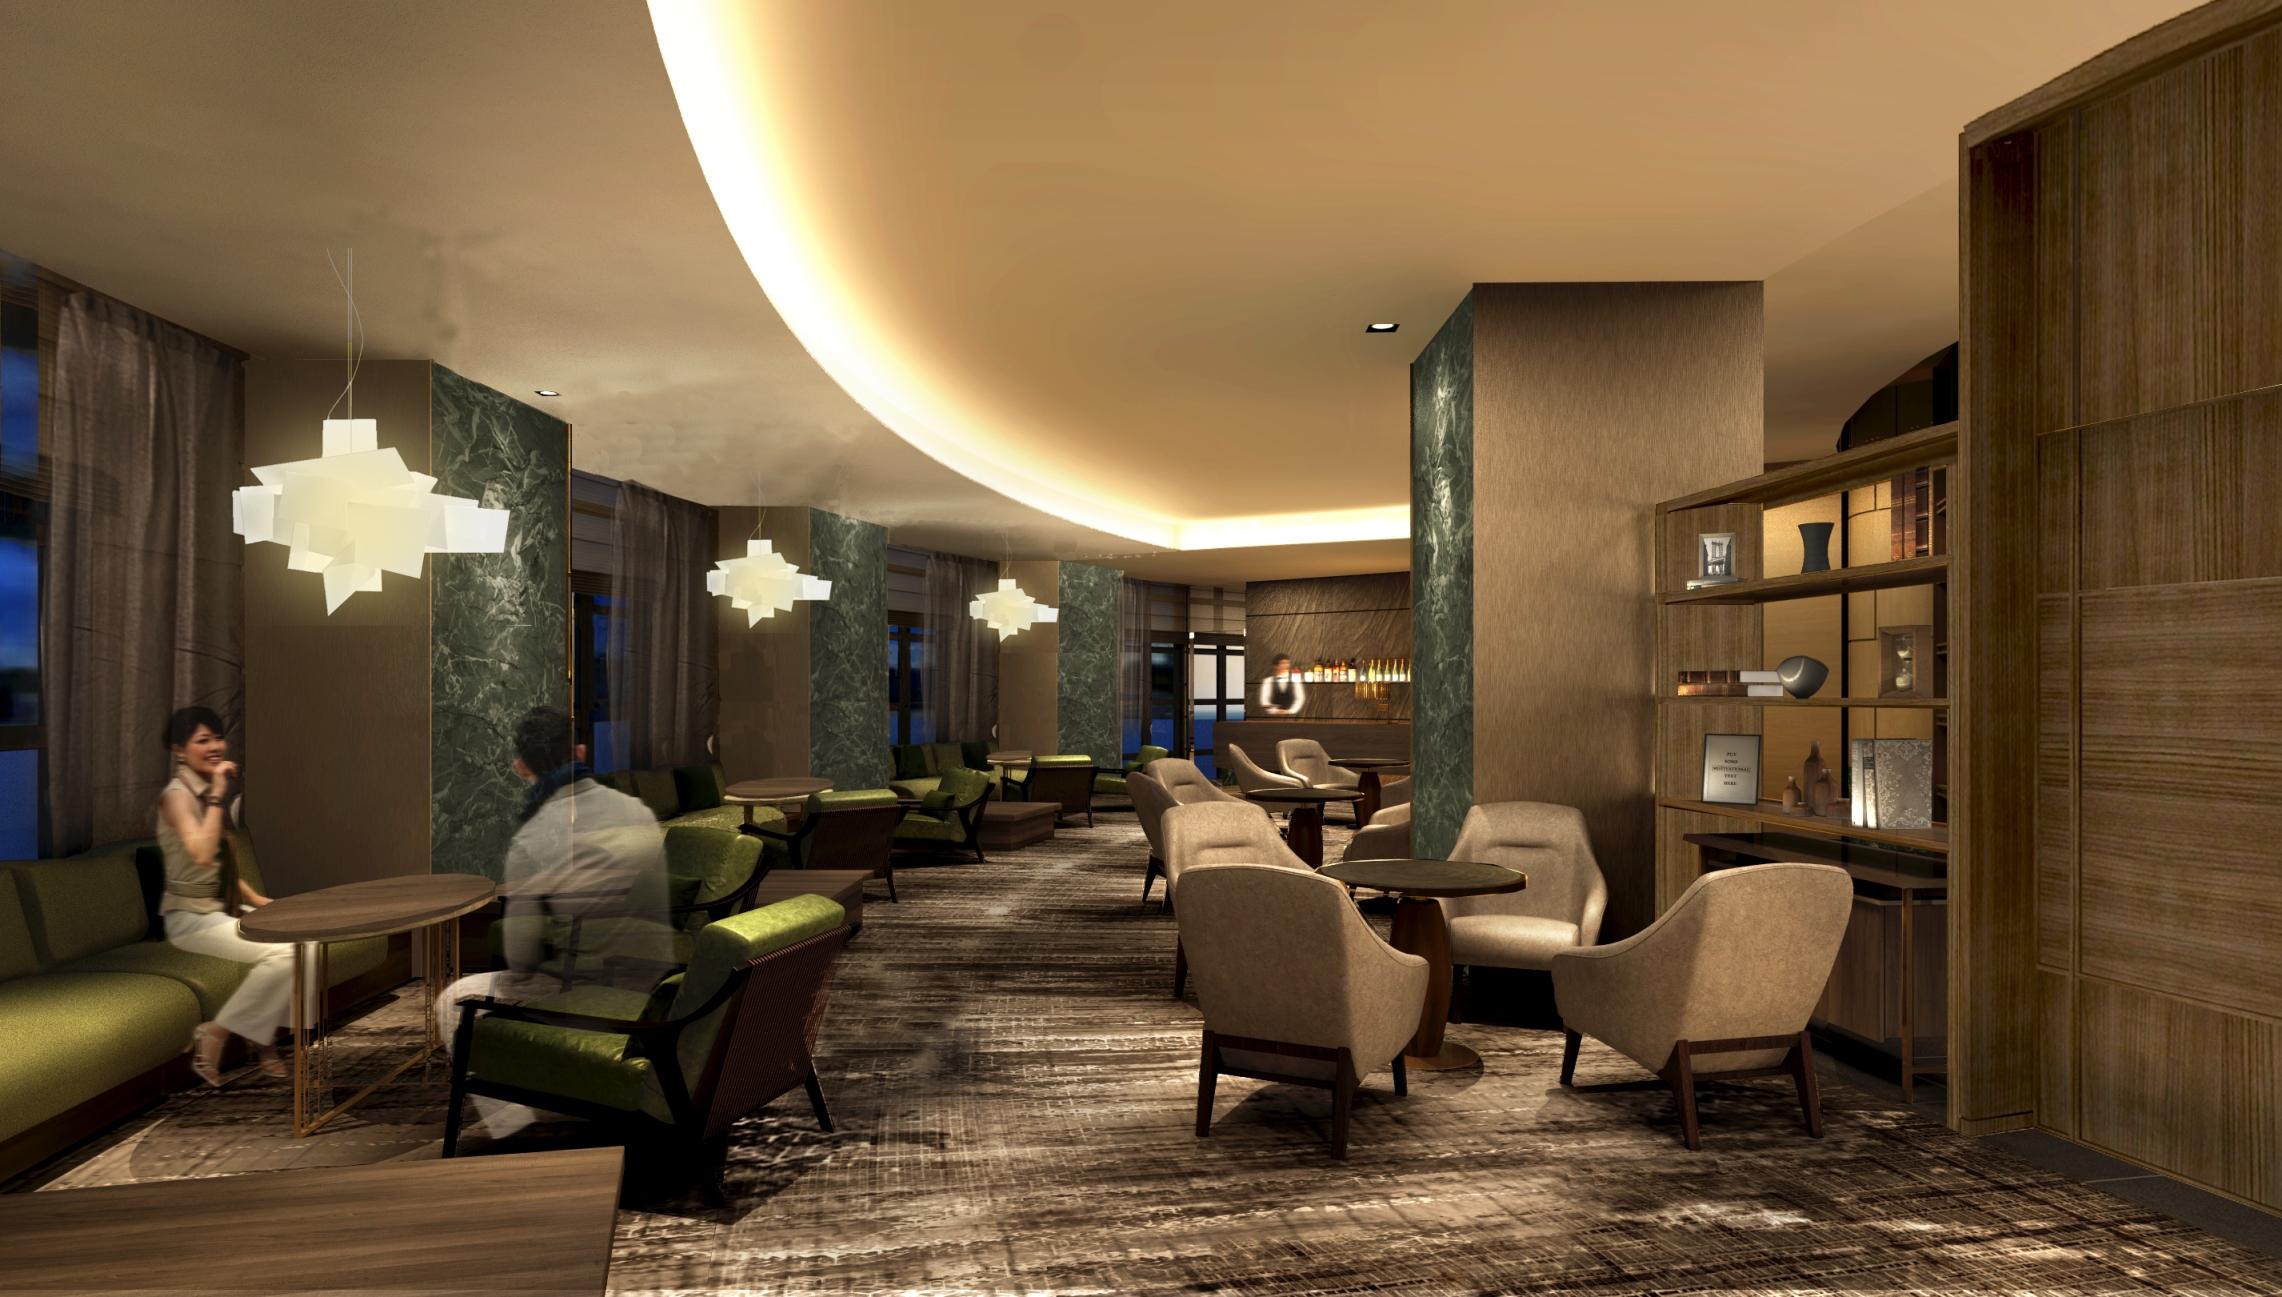 the-basics-fukuoka-hotel-%e4%bd%8f%e5%ae%bf%e7%a6%8f%e5%b2%a1-%e5%ae%bf%e6%b3%8a%e7%a6%8f%e5%b2%a1-4-2